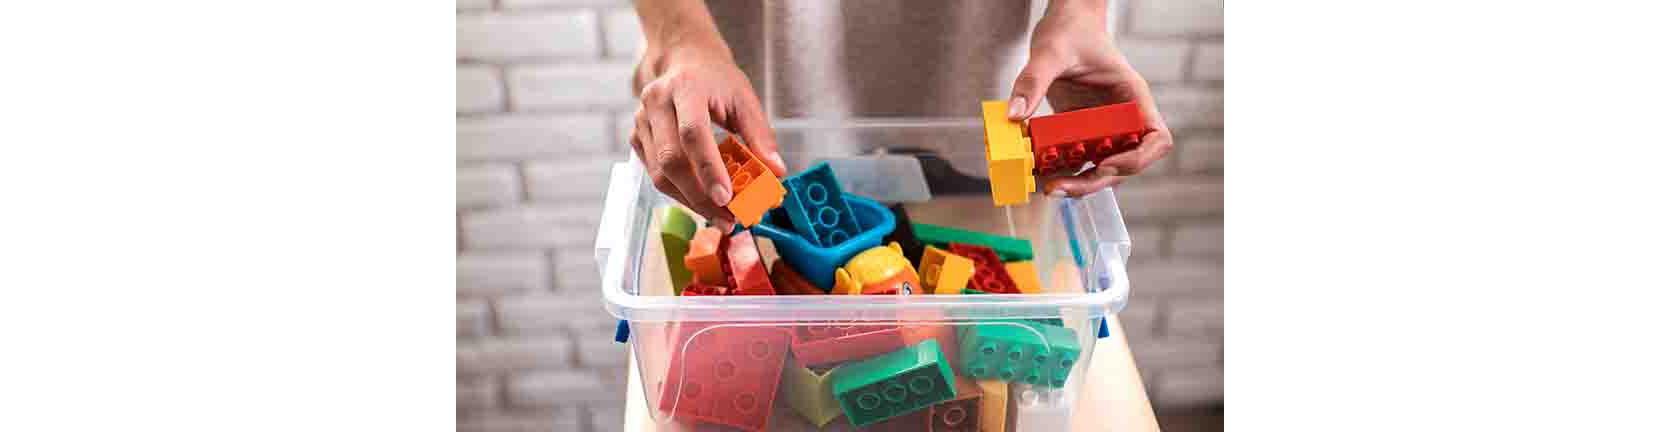 Frühjahrsputz Kinderzimmer, grosse, bunte Legosteine in einer druchsichtigen Kiste.